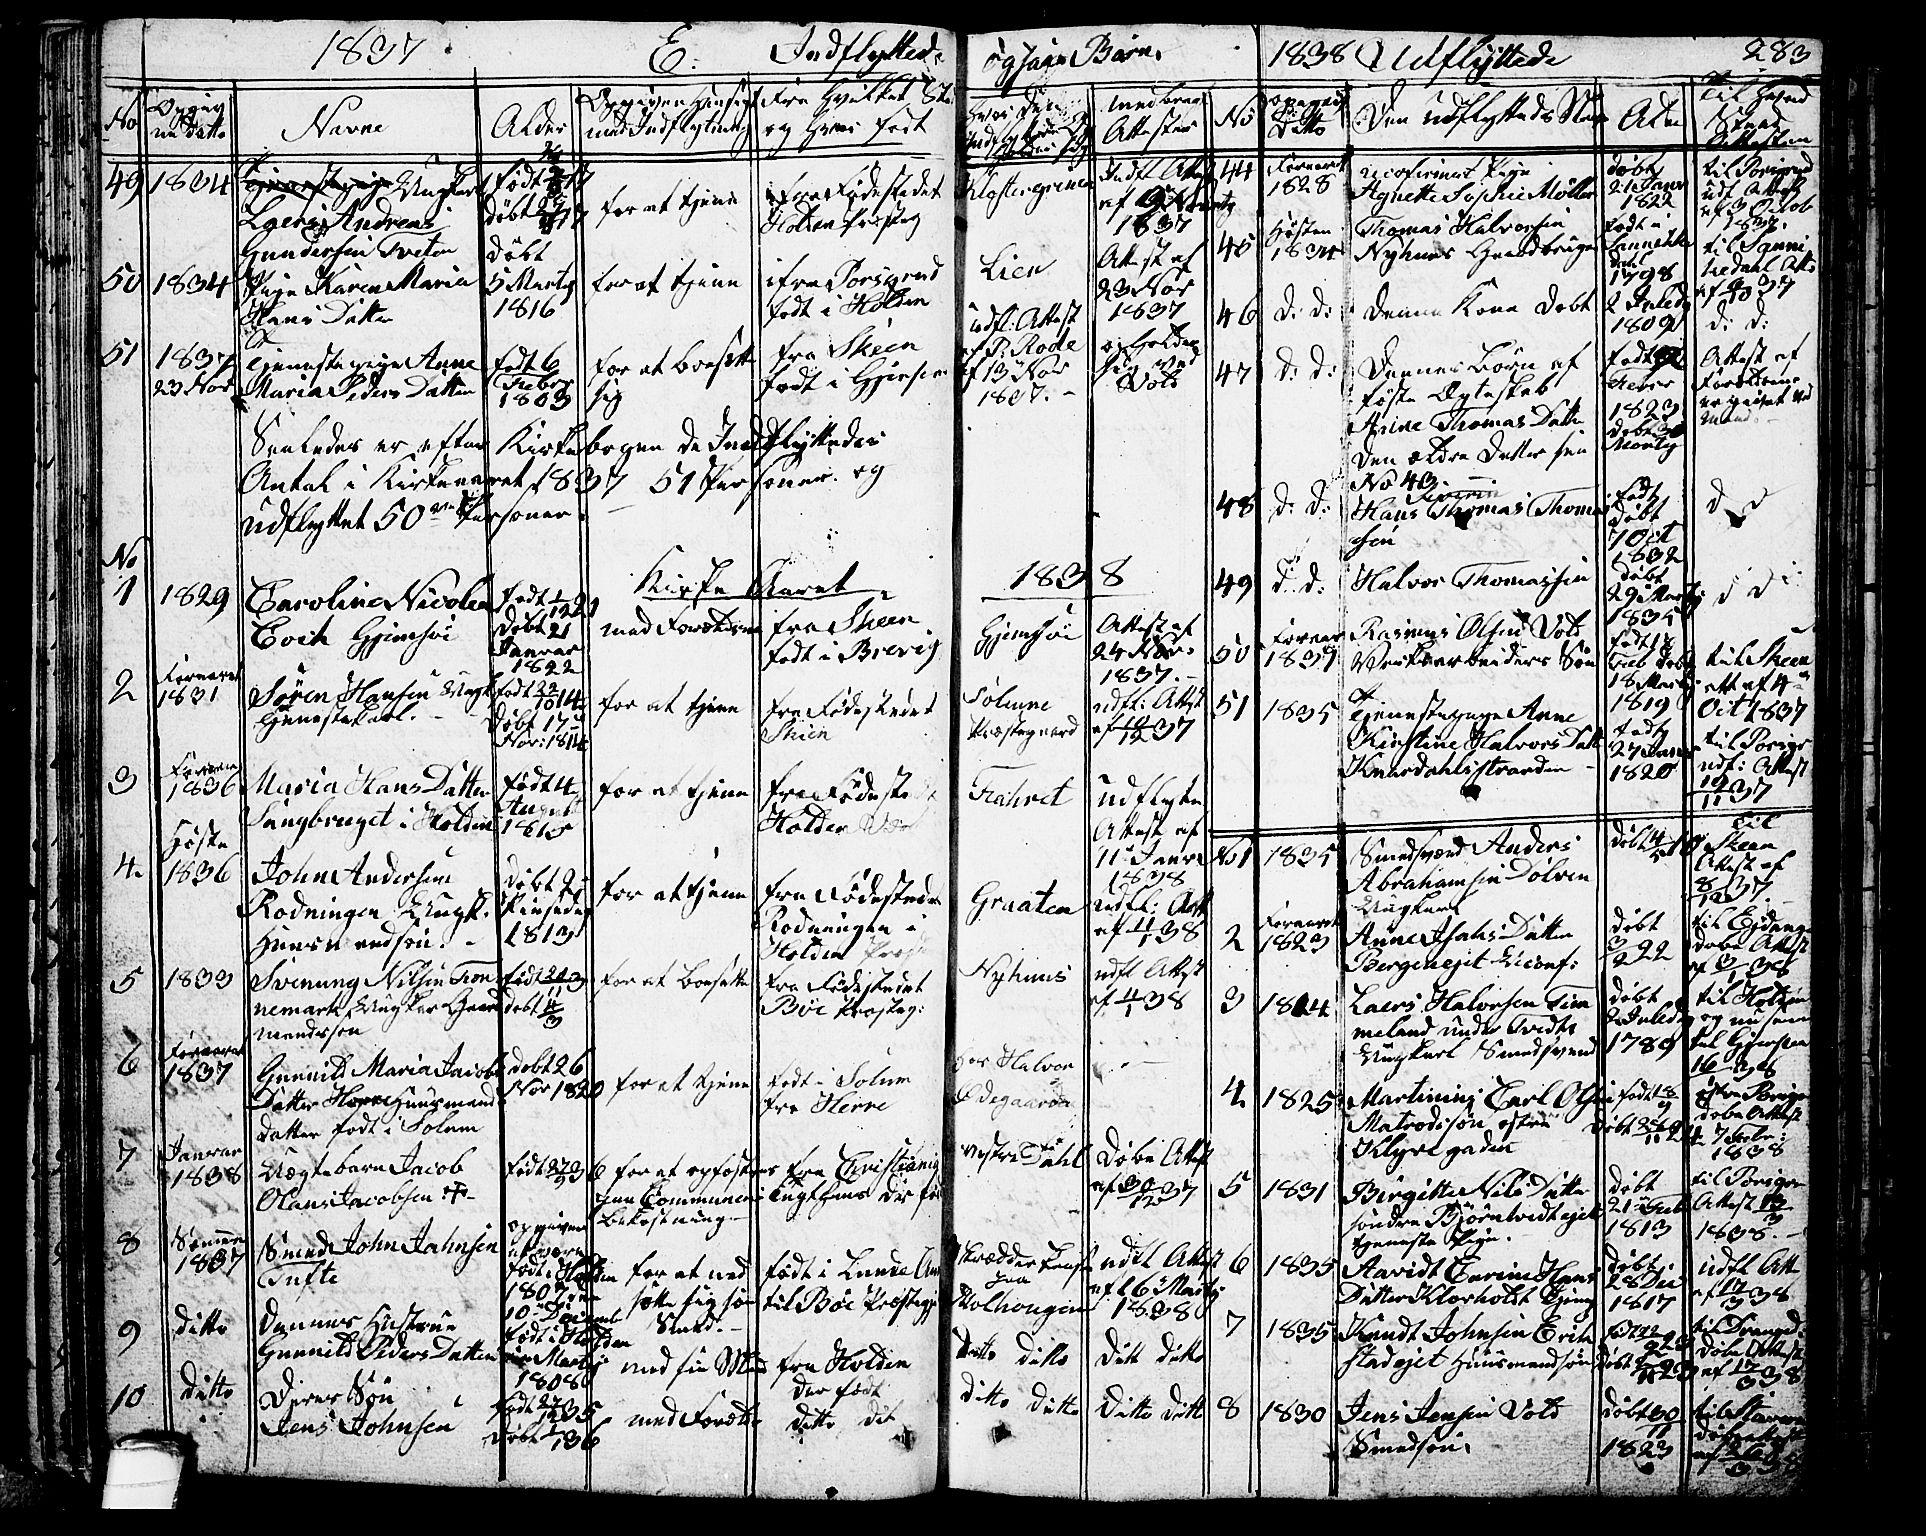 SAKO, Solum kirkebøker, G/Ga/L0002: Klokkerbok nr. I 2, 1834-1848, s. 283